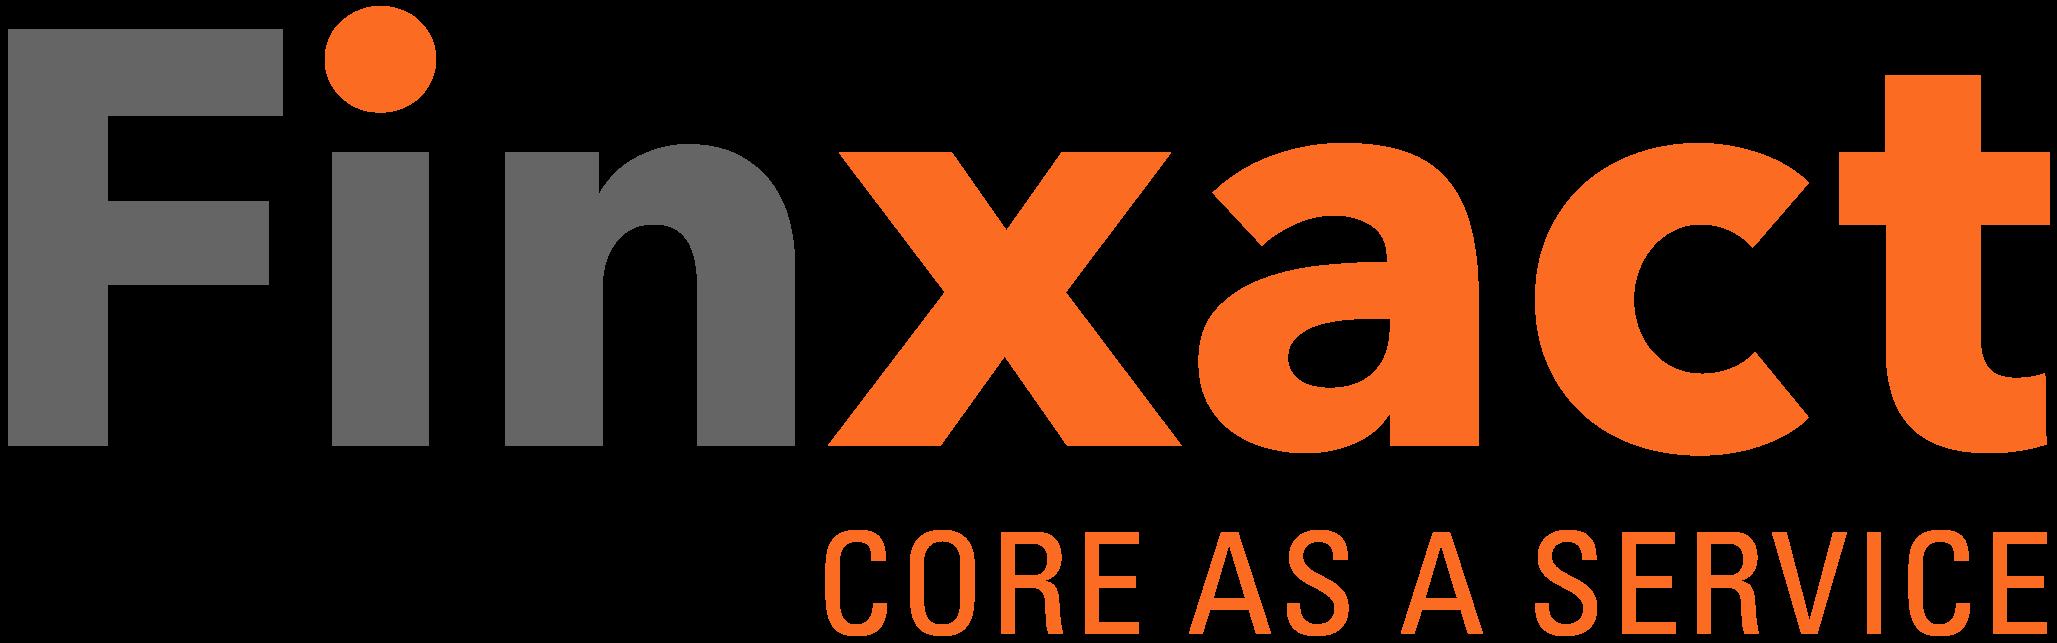 Finxact logo